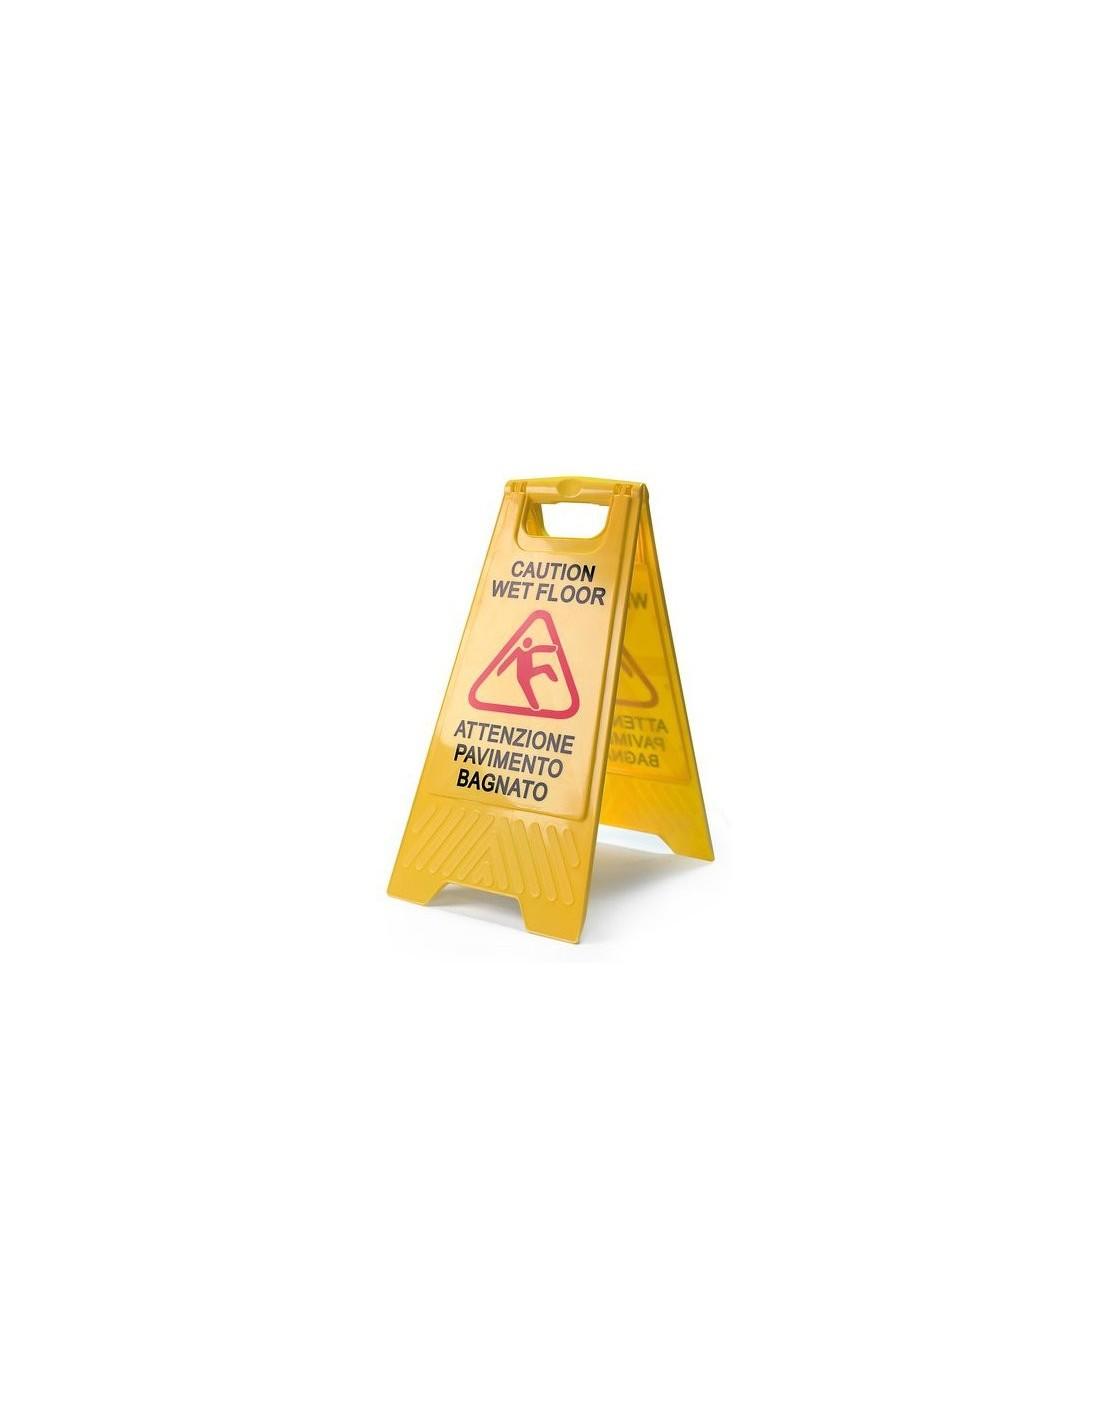 Vendita online carrelli pulizia imprese pulizia e carrelli hotel - Segnale pavimento bagnato ...